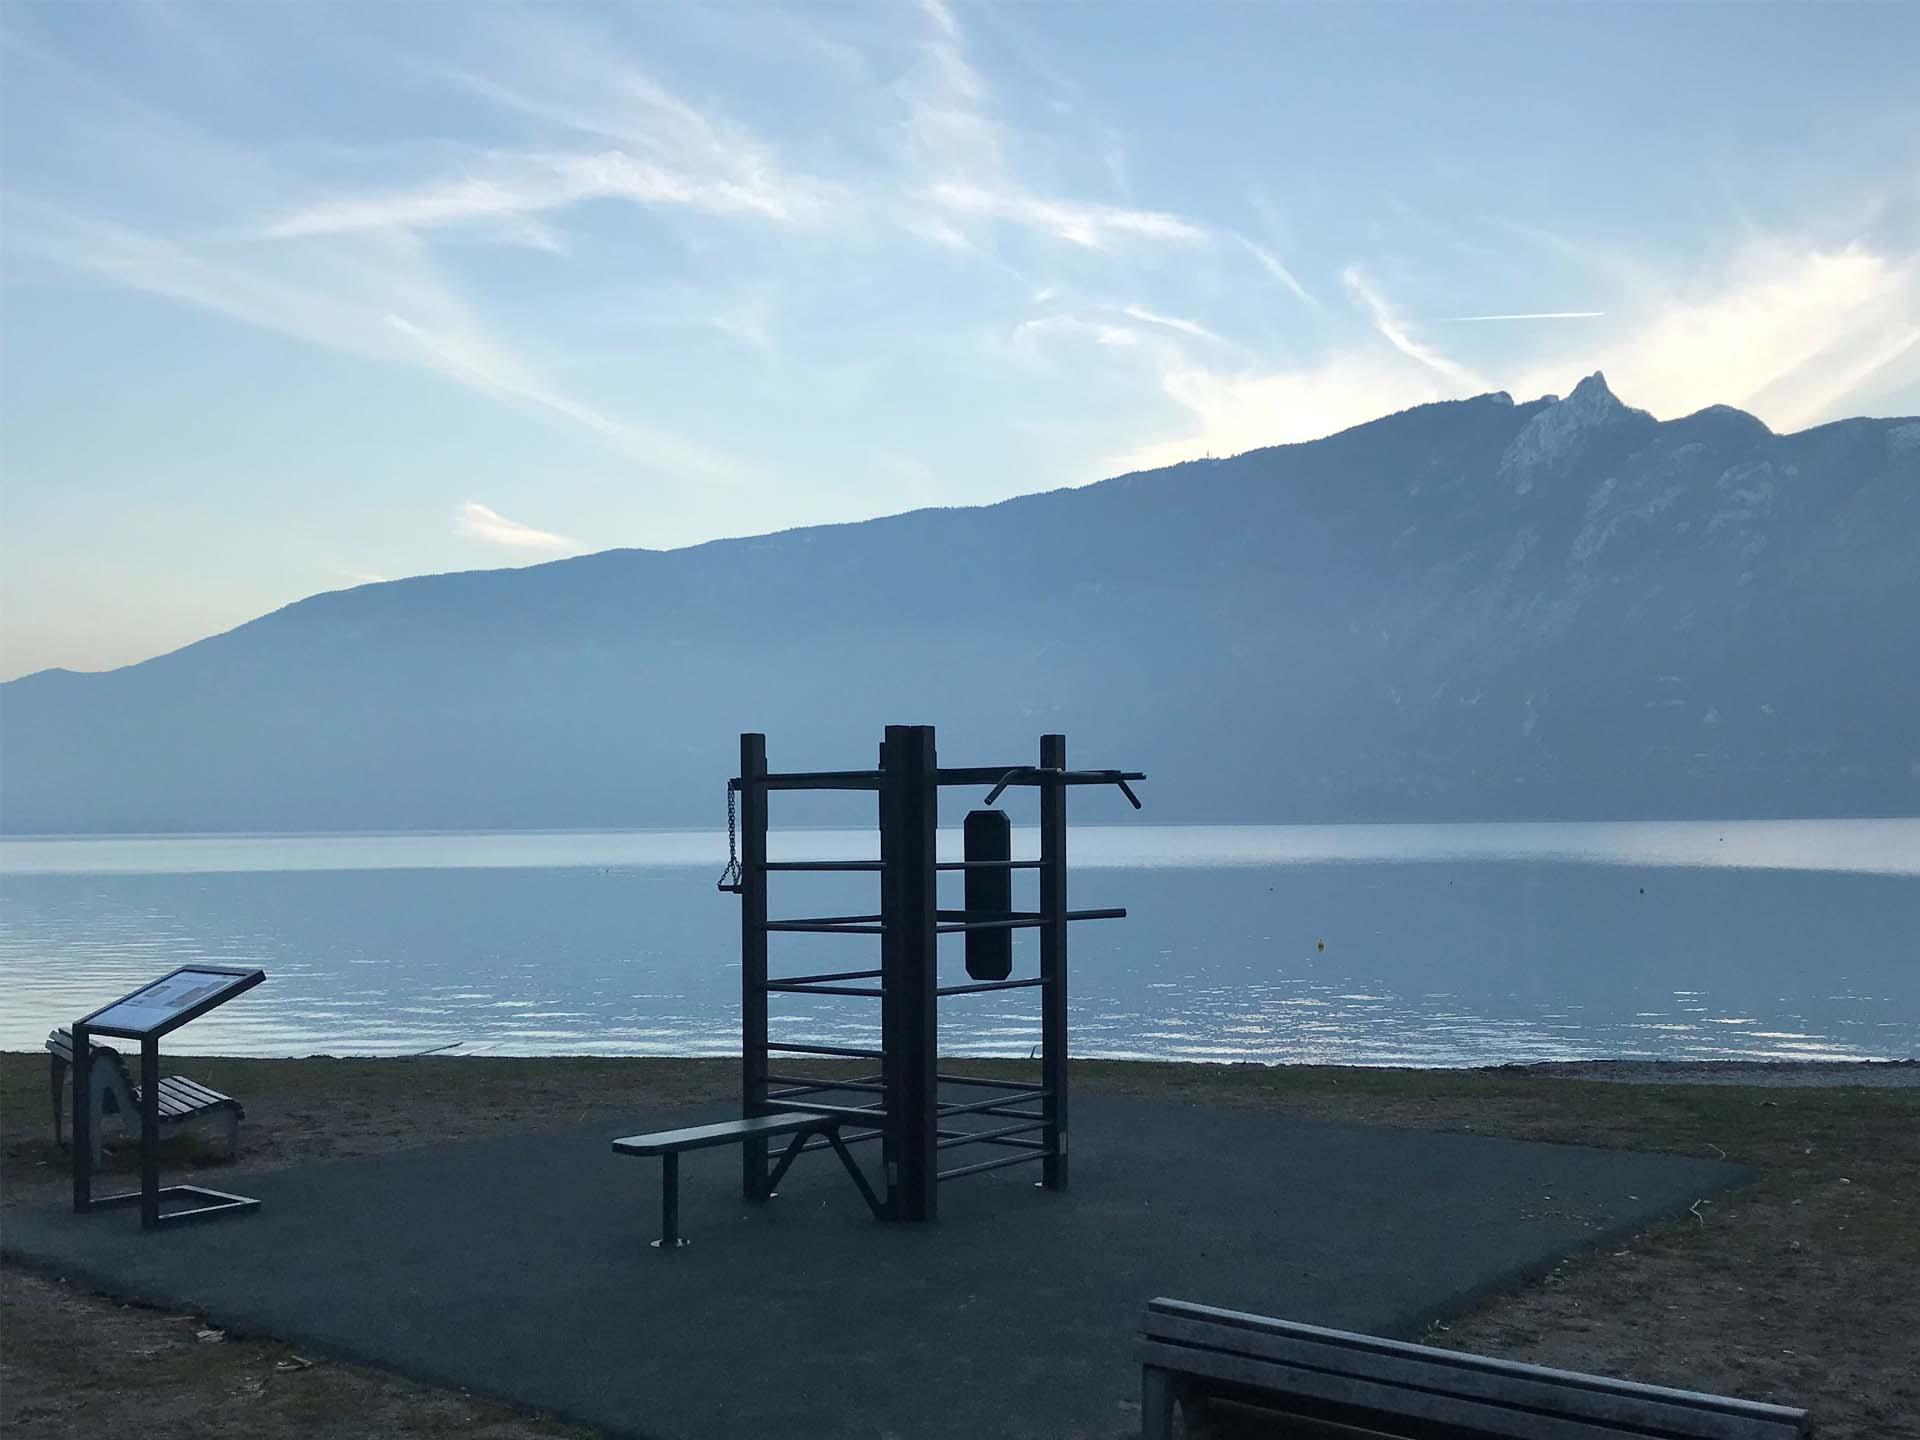 Photo de l'équipement de Fitness du Lac d'Aix-les-Bains